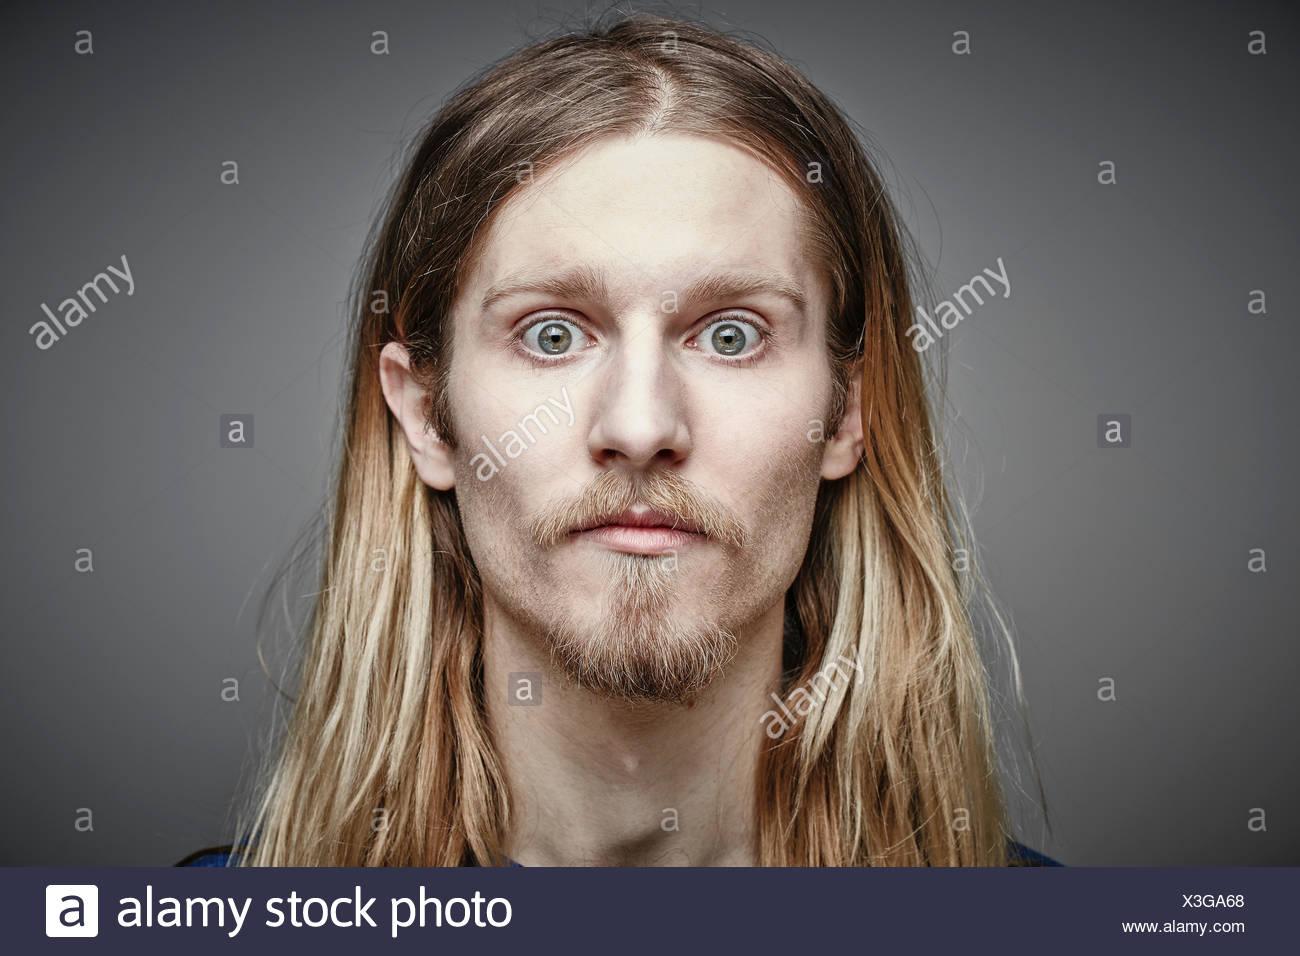 Porträt Der Darsteller Jungen Mannes Mit Langen Blonden Haaren Und